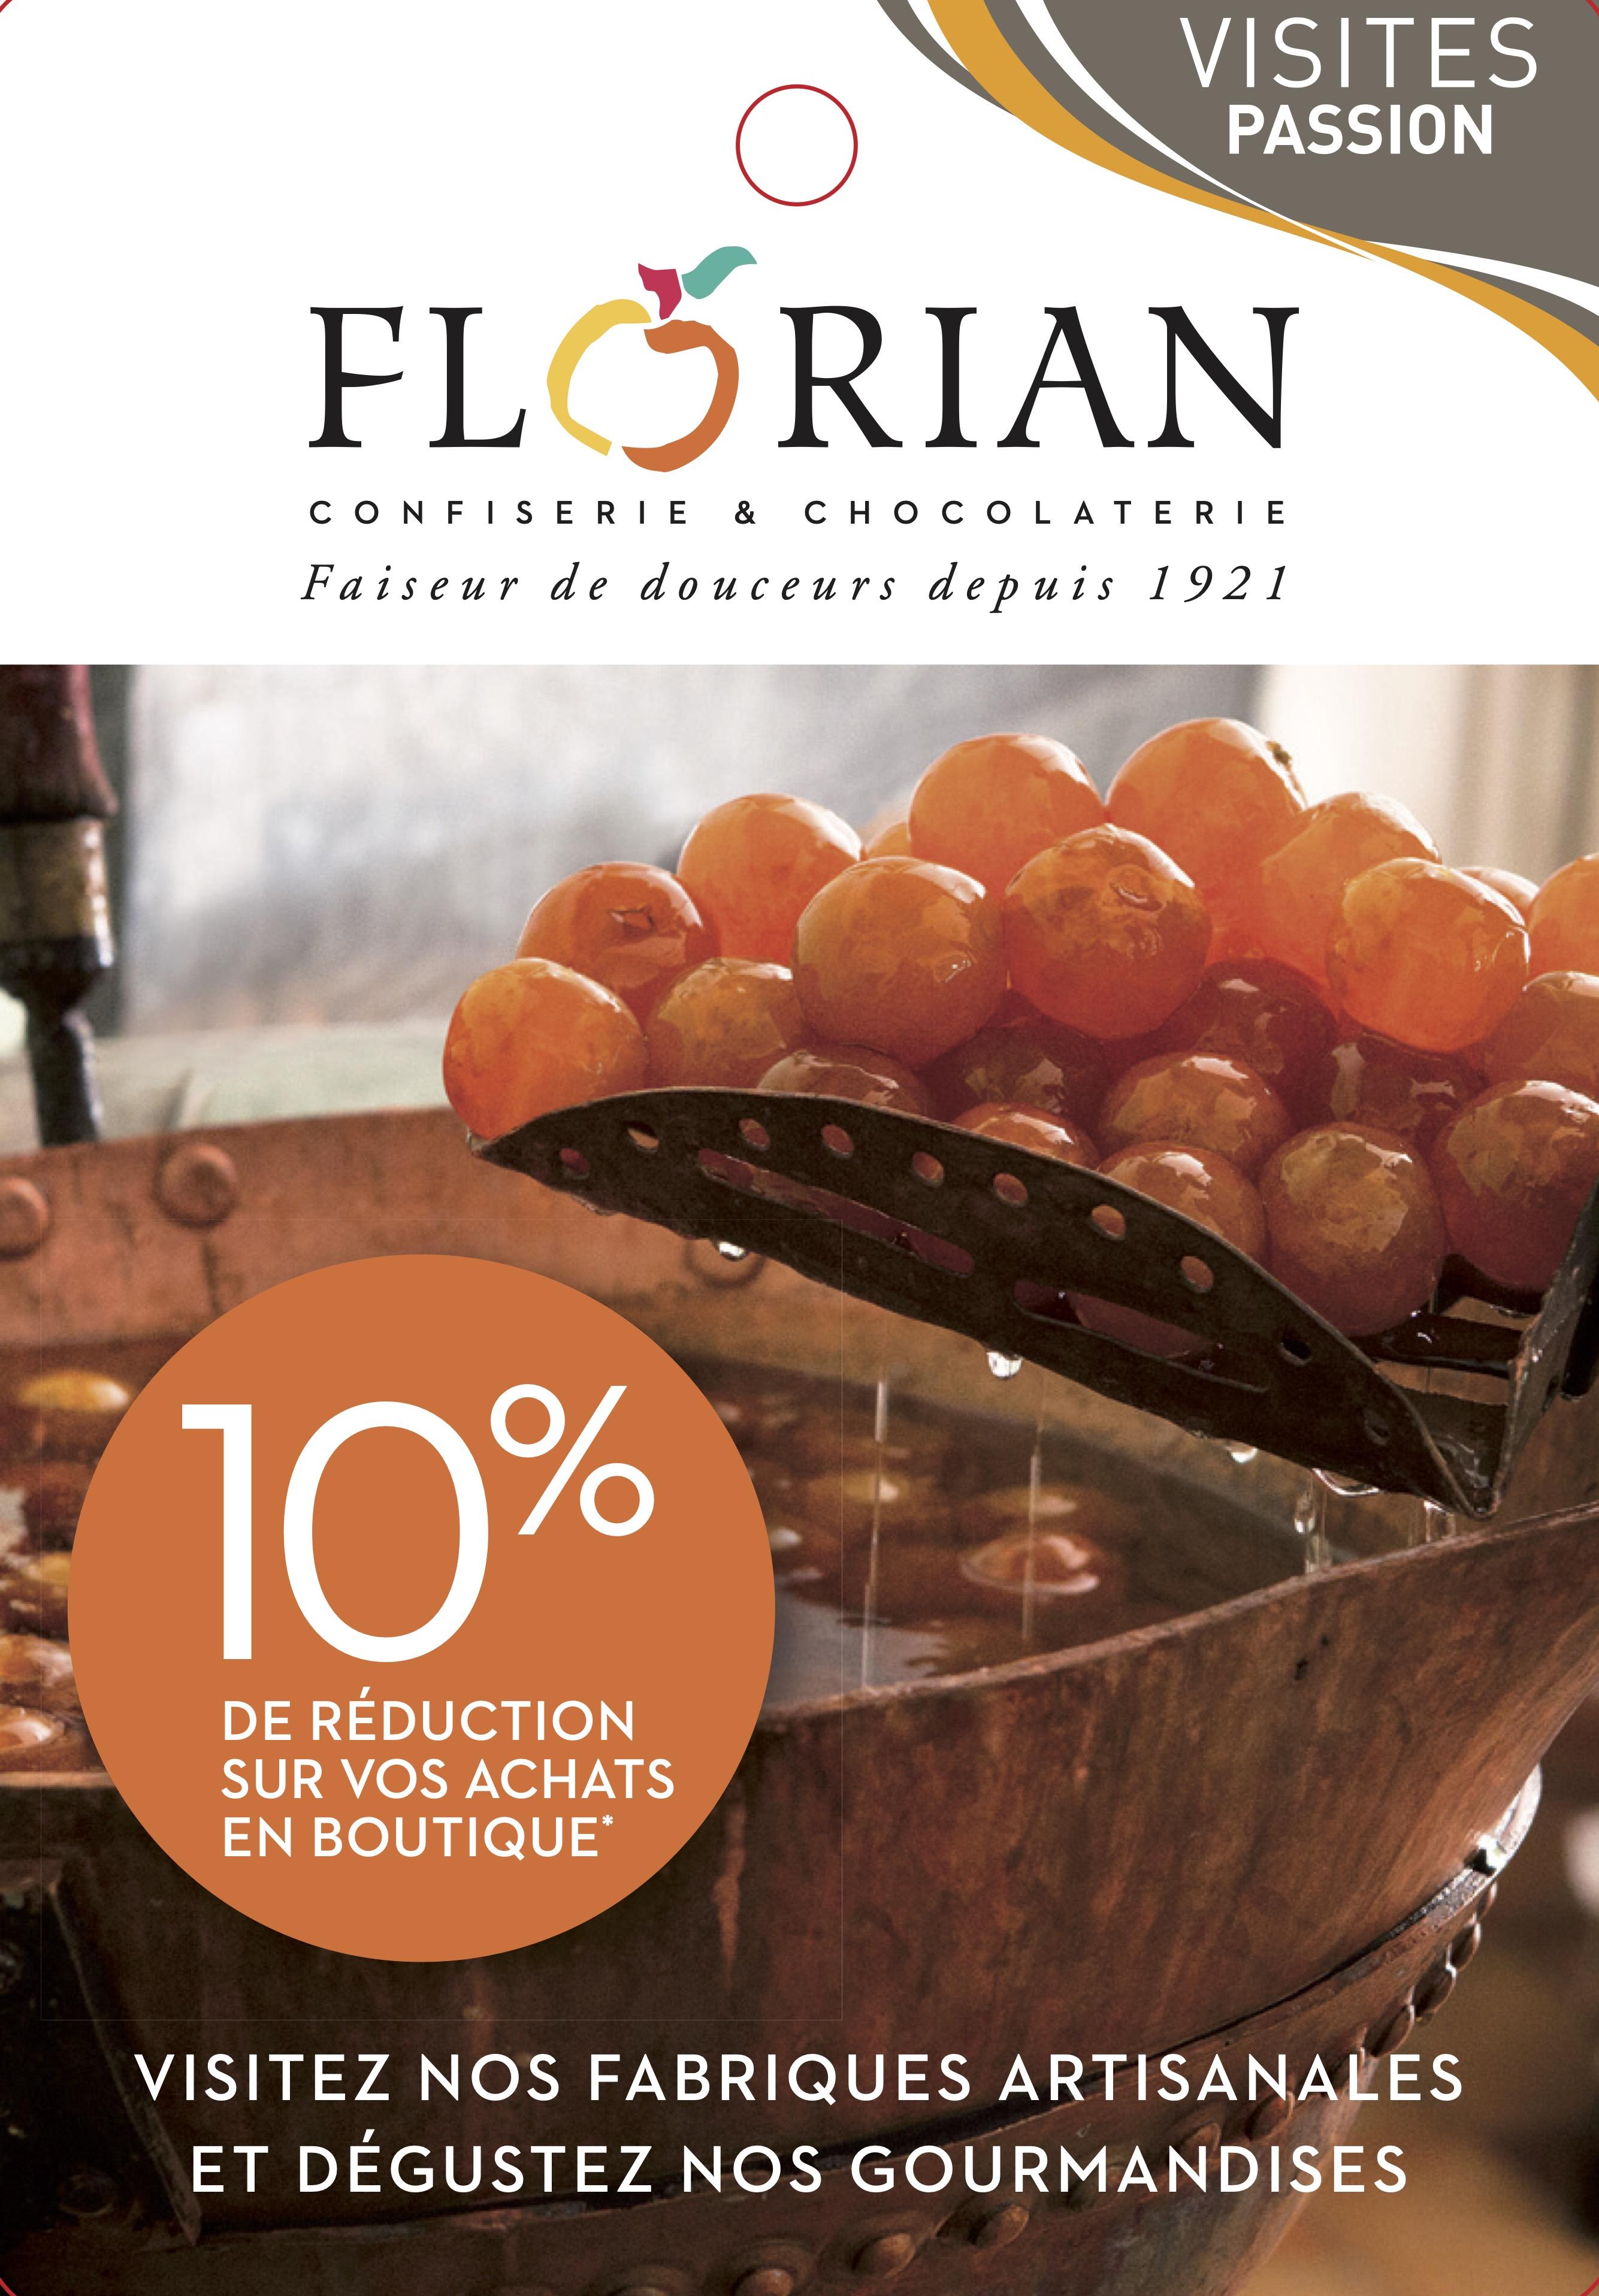 Confiserie Florian